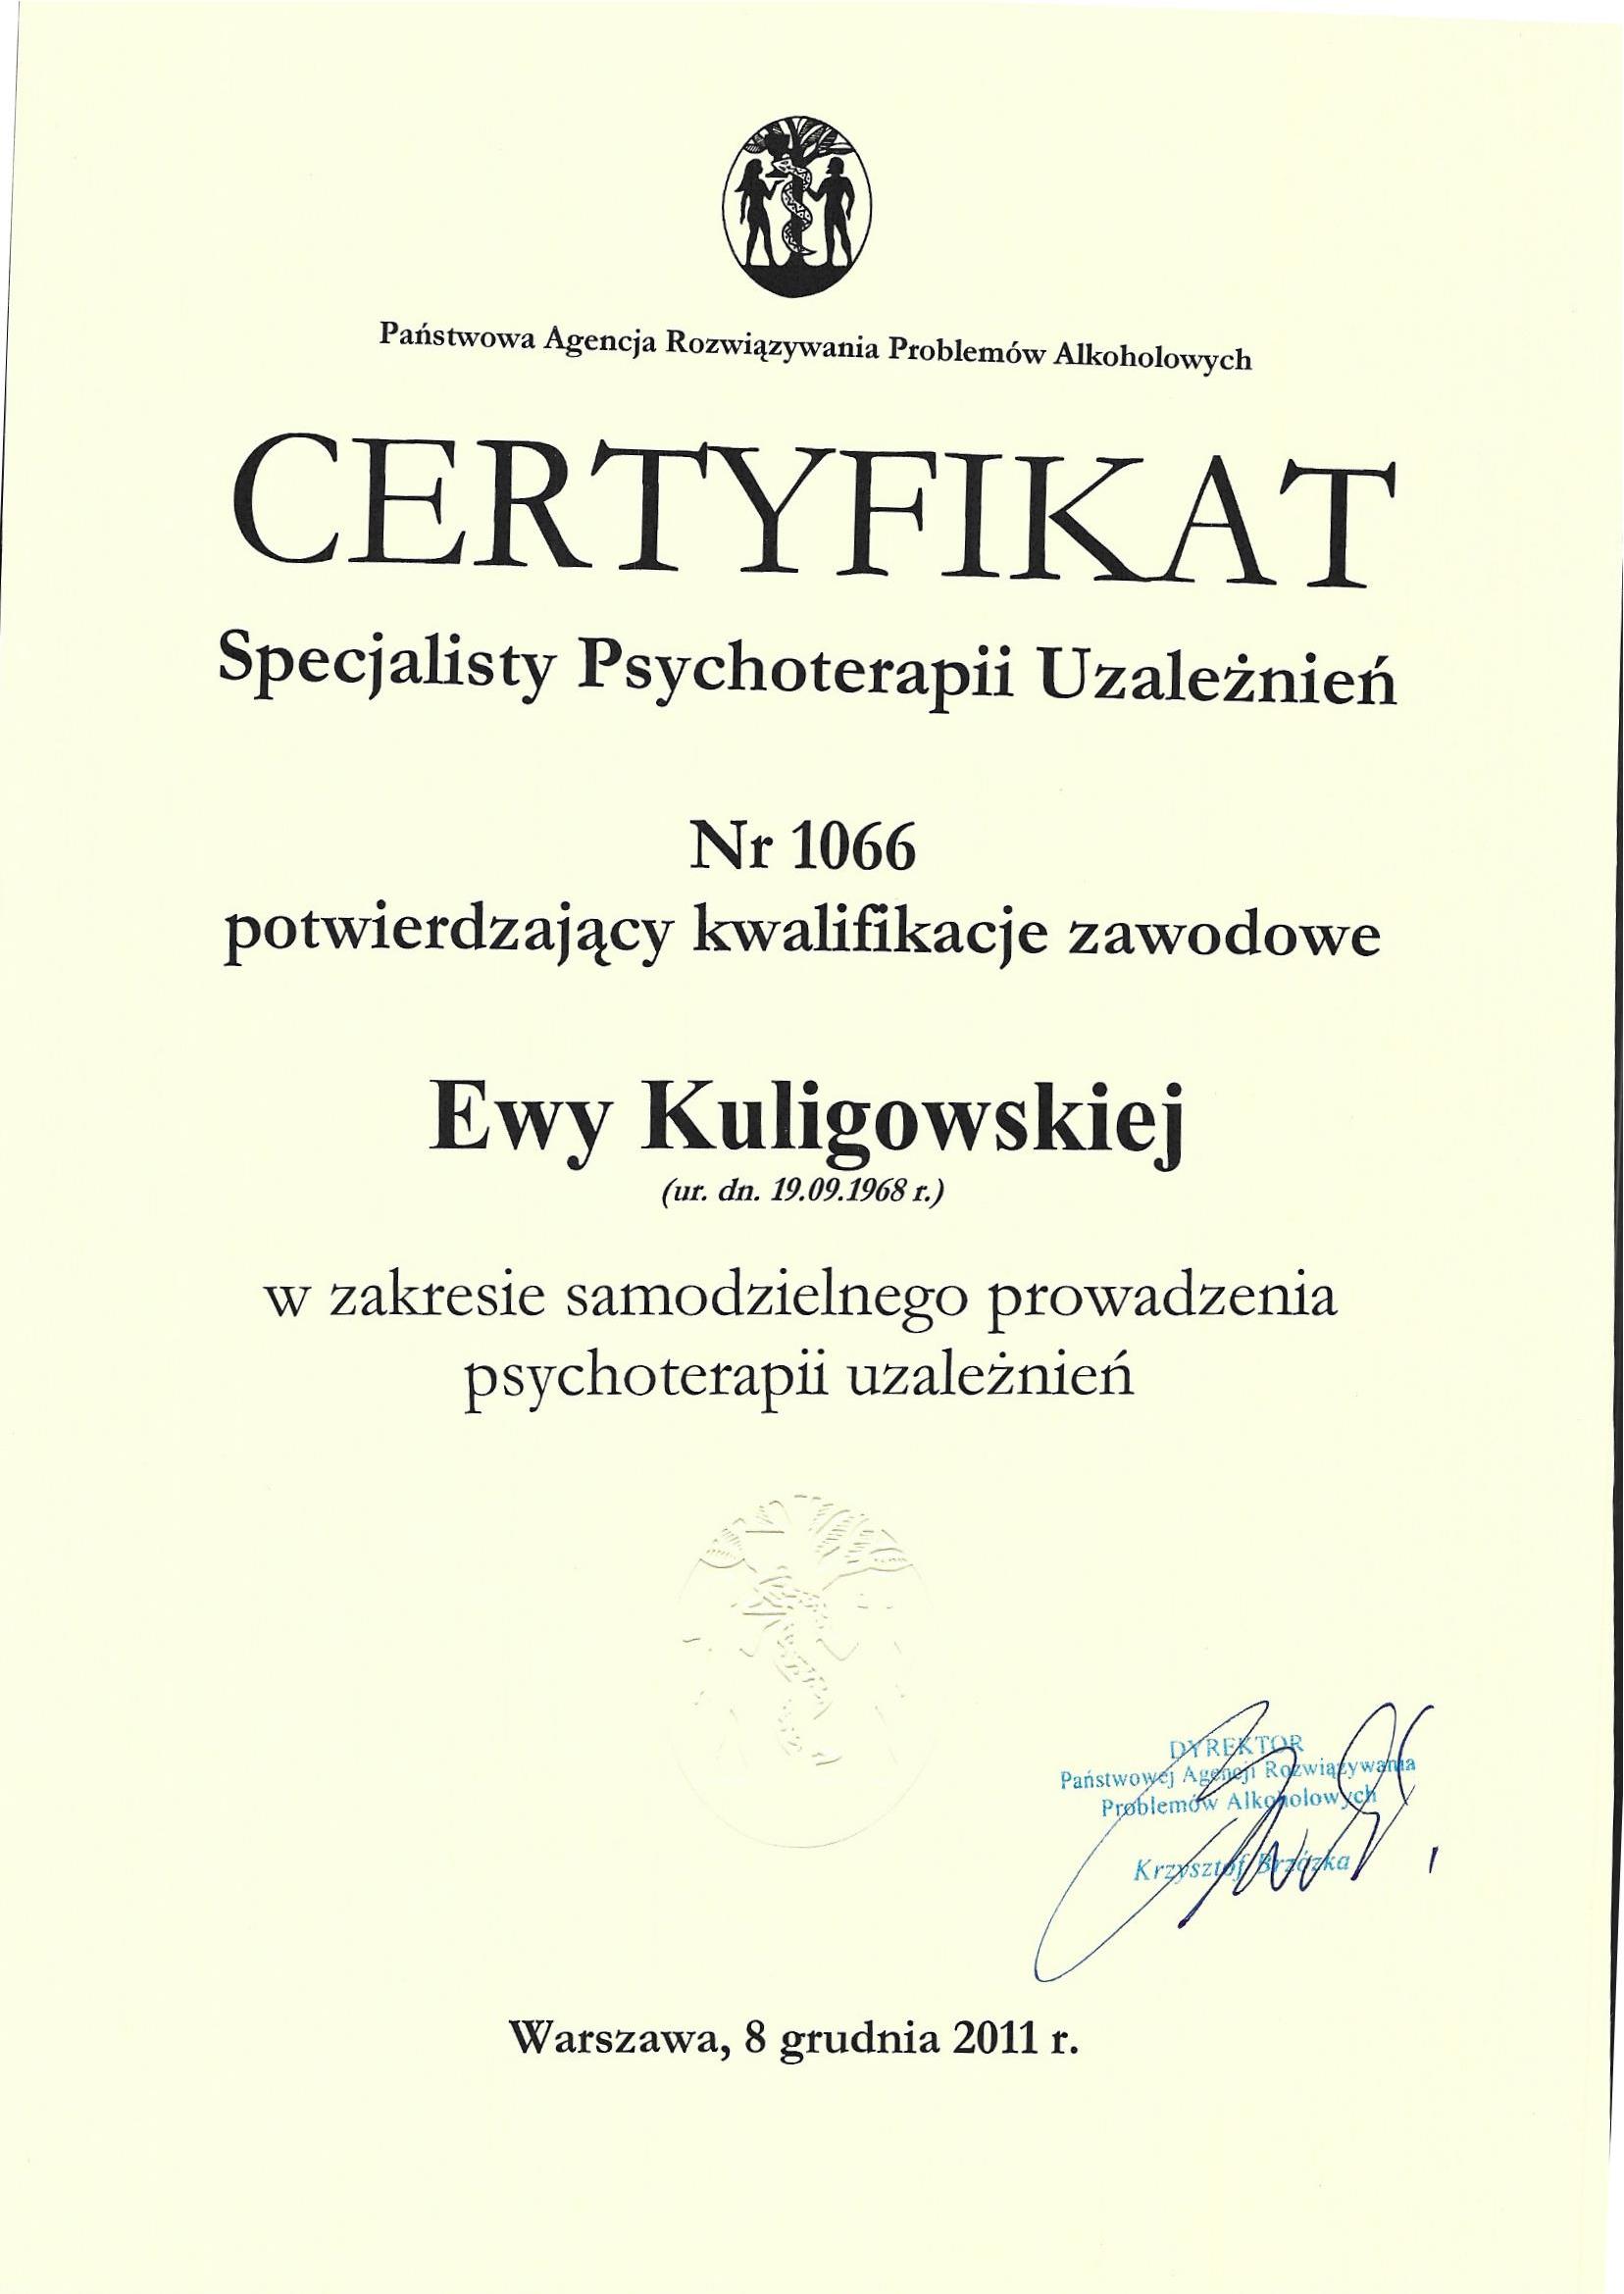 Certyfikat-Specjalisty-Psychoterapii-Uzależnień